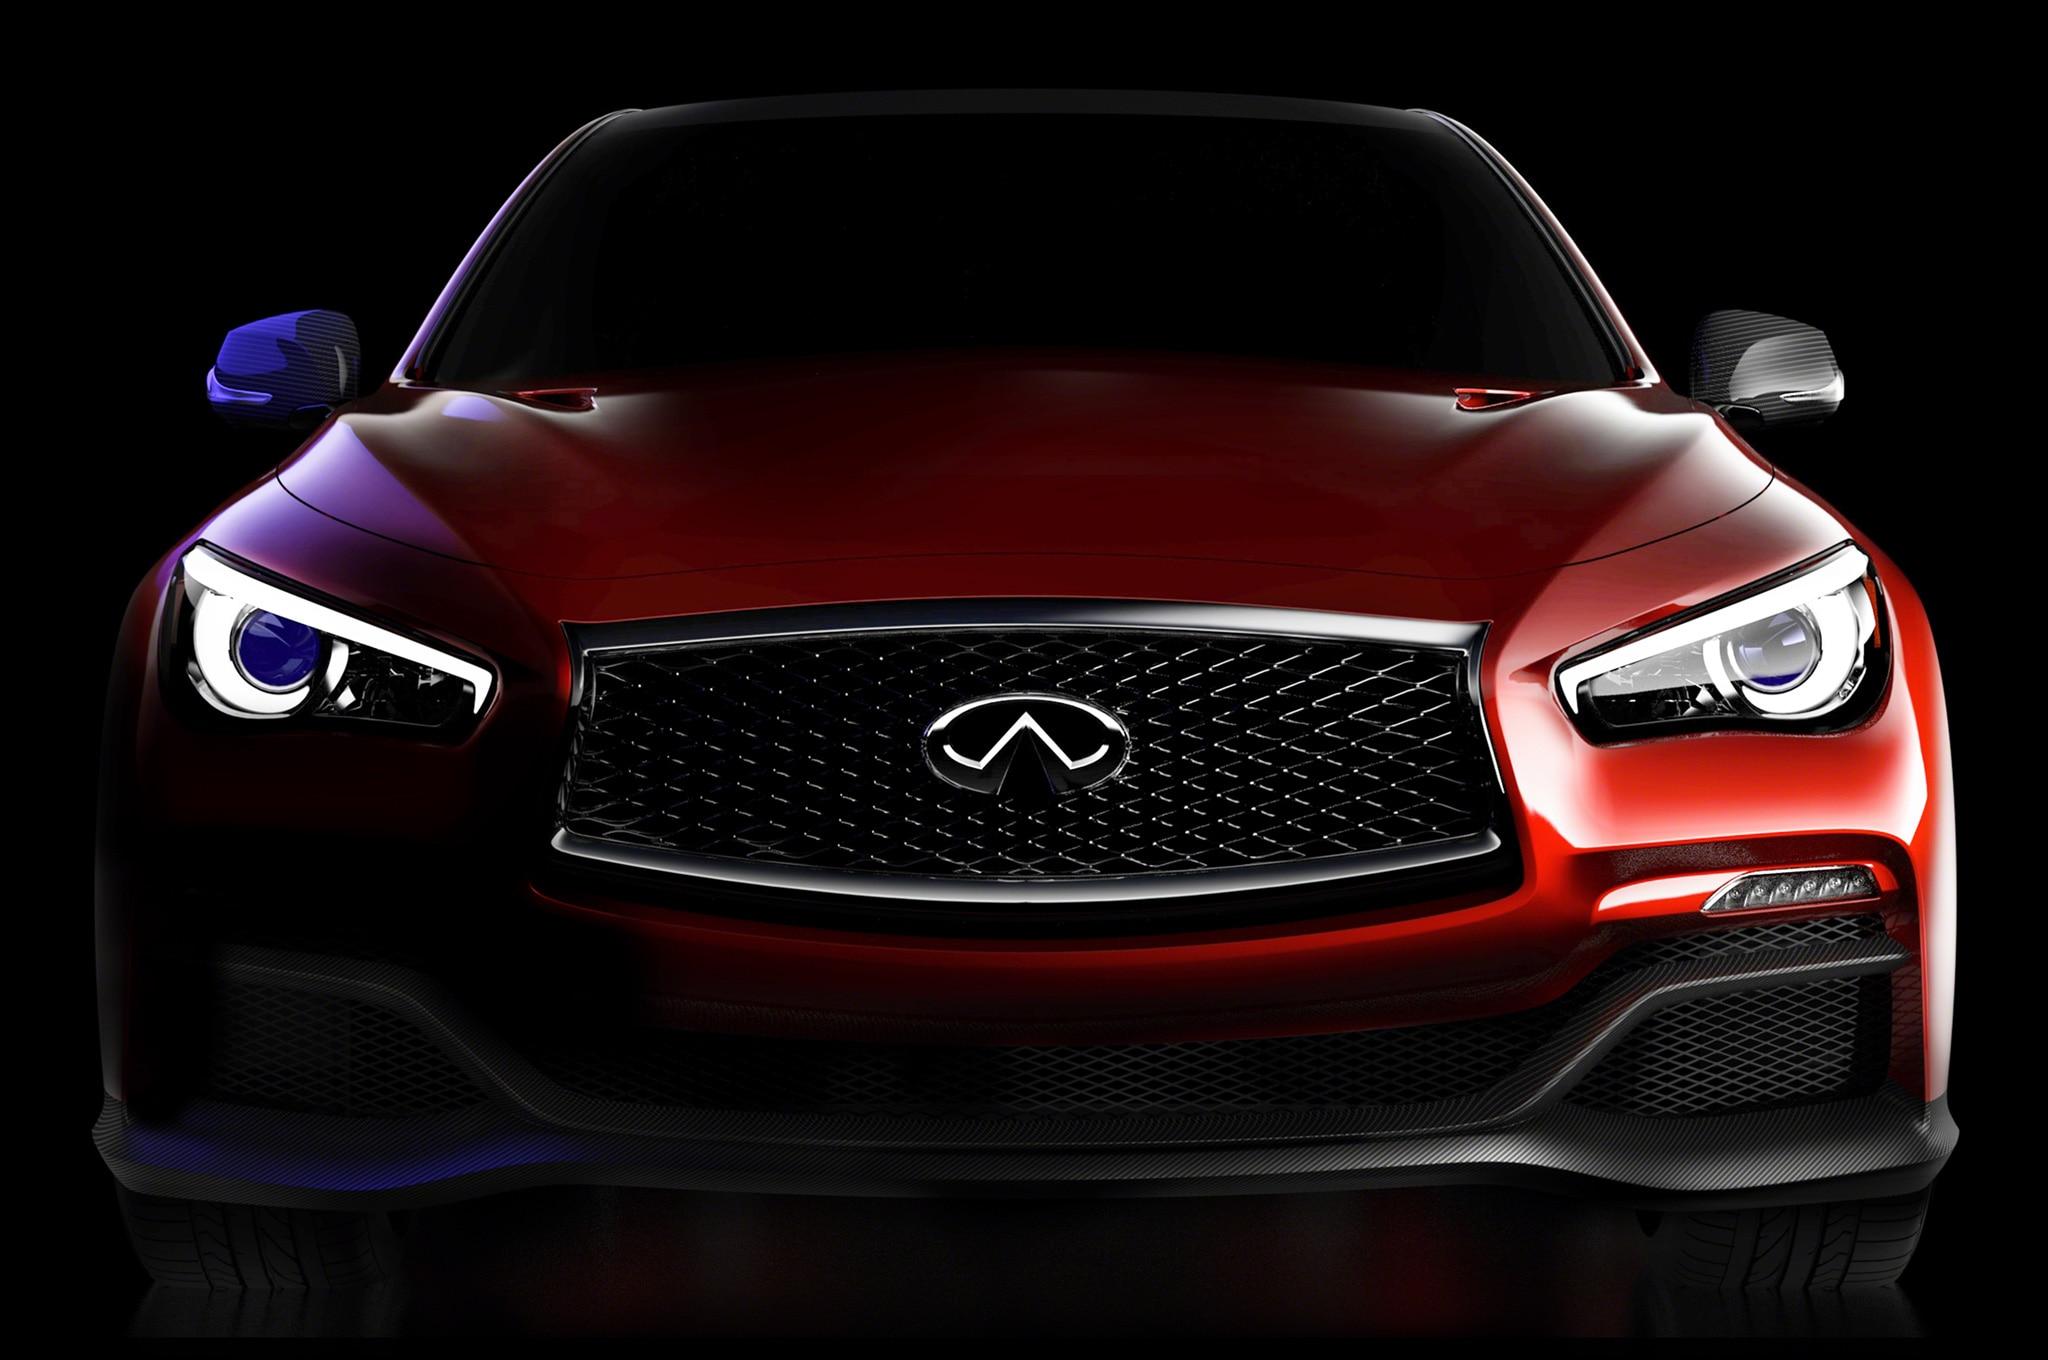 Infiniti Q50 Eau Rouge Concept Front View